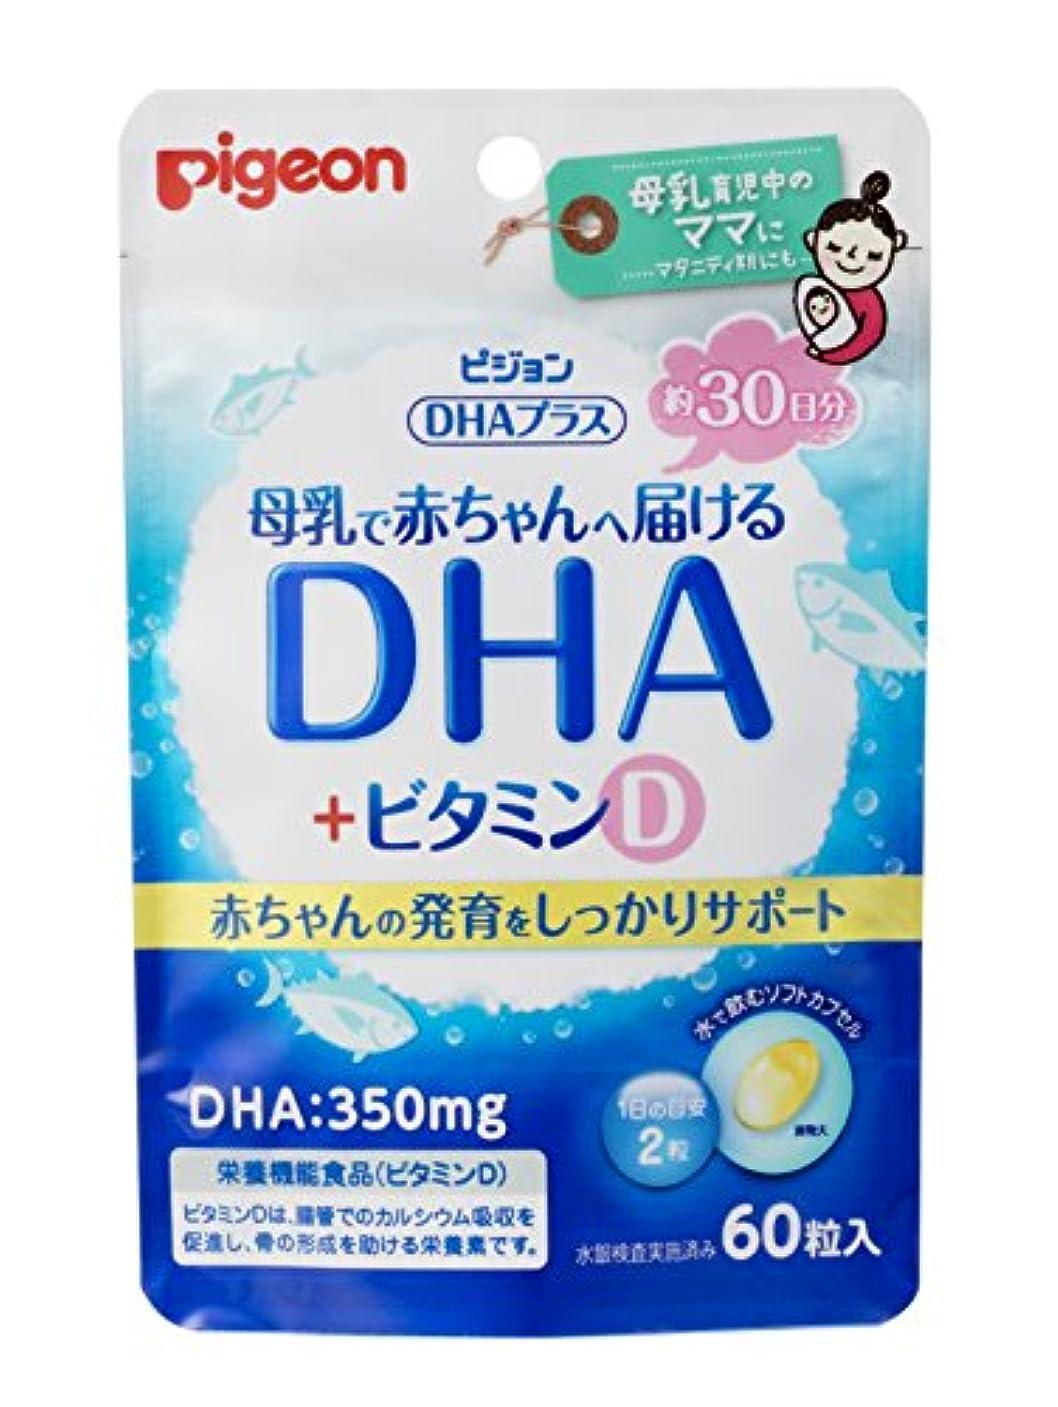 枯れるトラップ市の花ピジョン(Pigeon) DHAプラス (DHA + ビタミンD) 【母乳で赤ちゃんへ届ける(マタニティサプリメント ソフトカプセル)】 60粒入